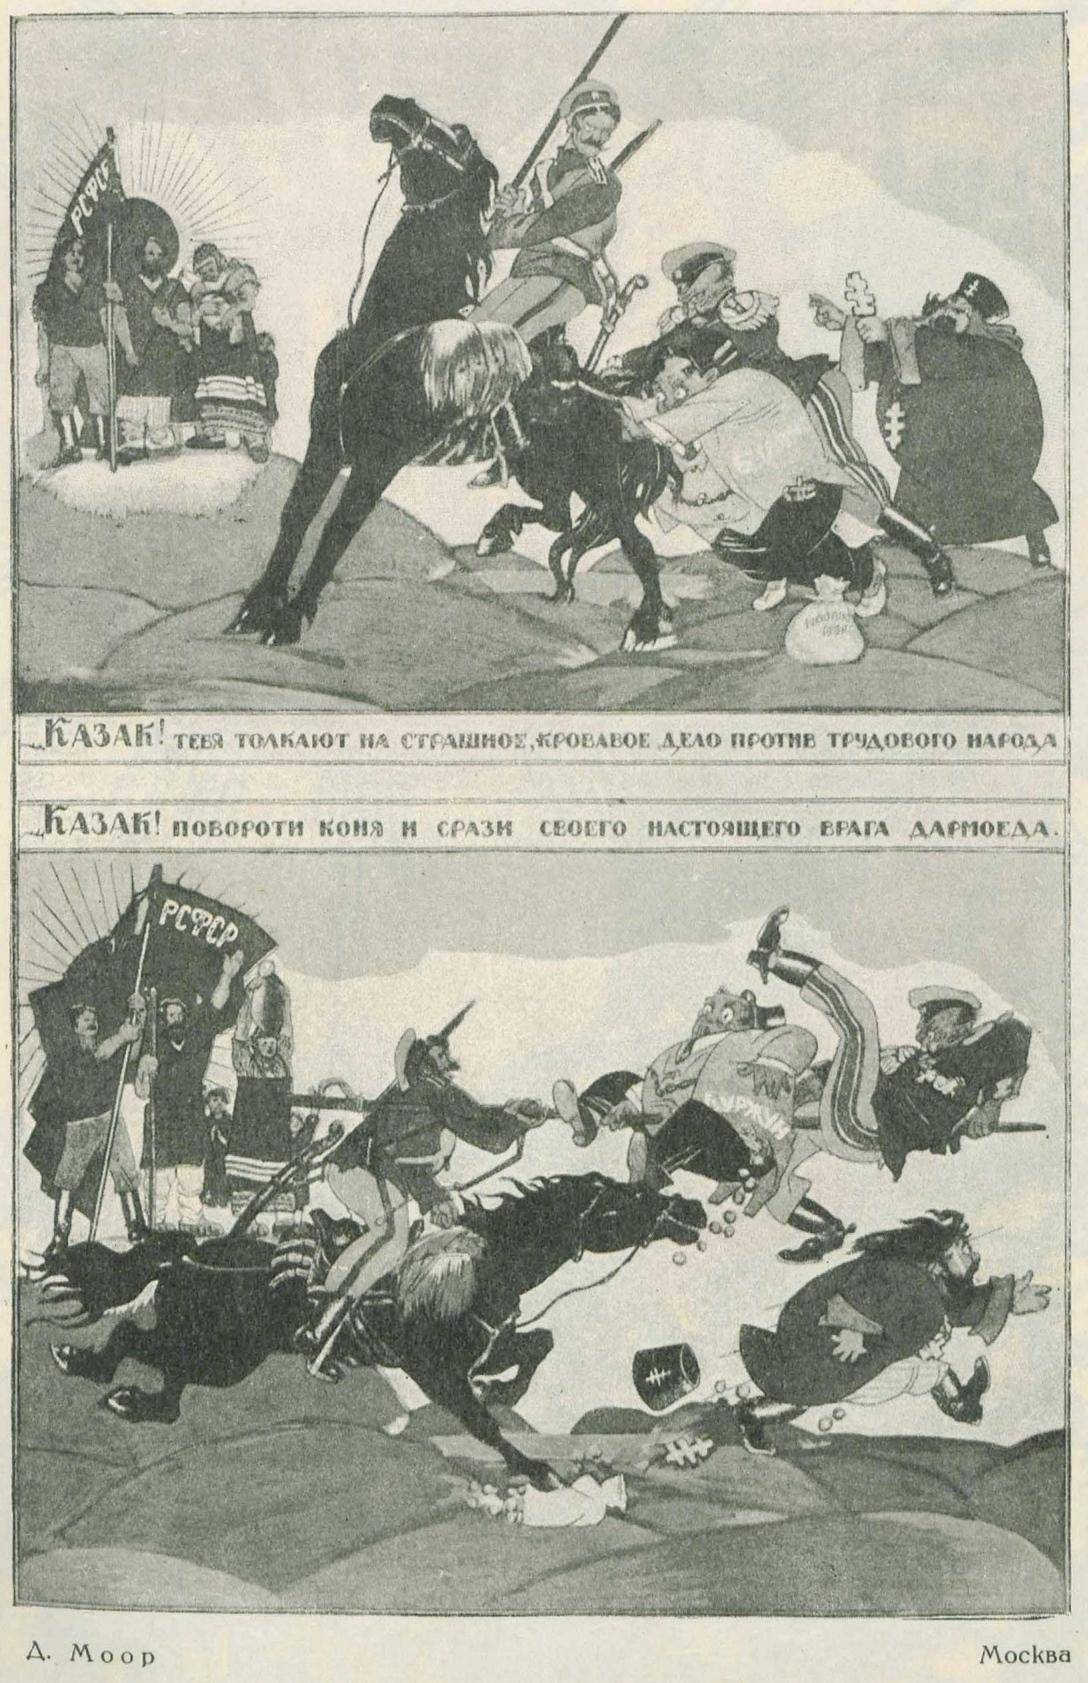 Д. Моор. Москва. Многокрасочная литография 50×68 см. Госиздат. «Казак! Тебя толкают на страшное, кровавое дело против трудового народа. Казак! Повороти коня и срази своего настоящего врага дармоеда».